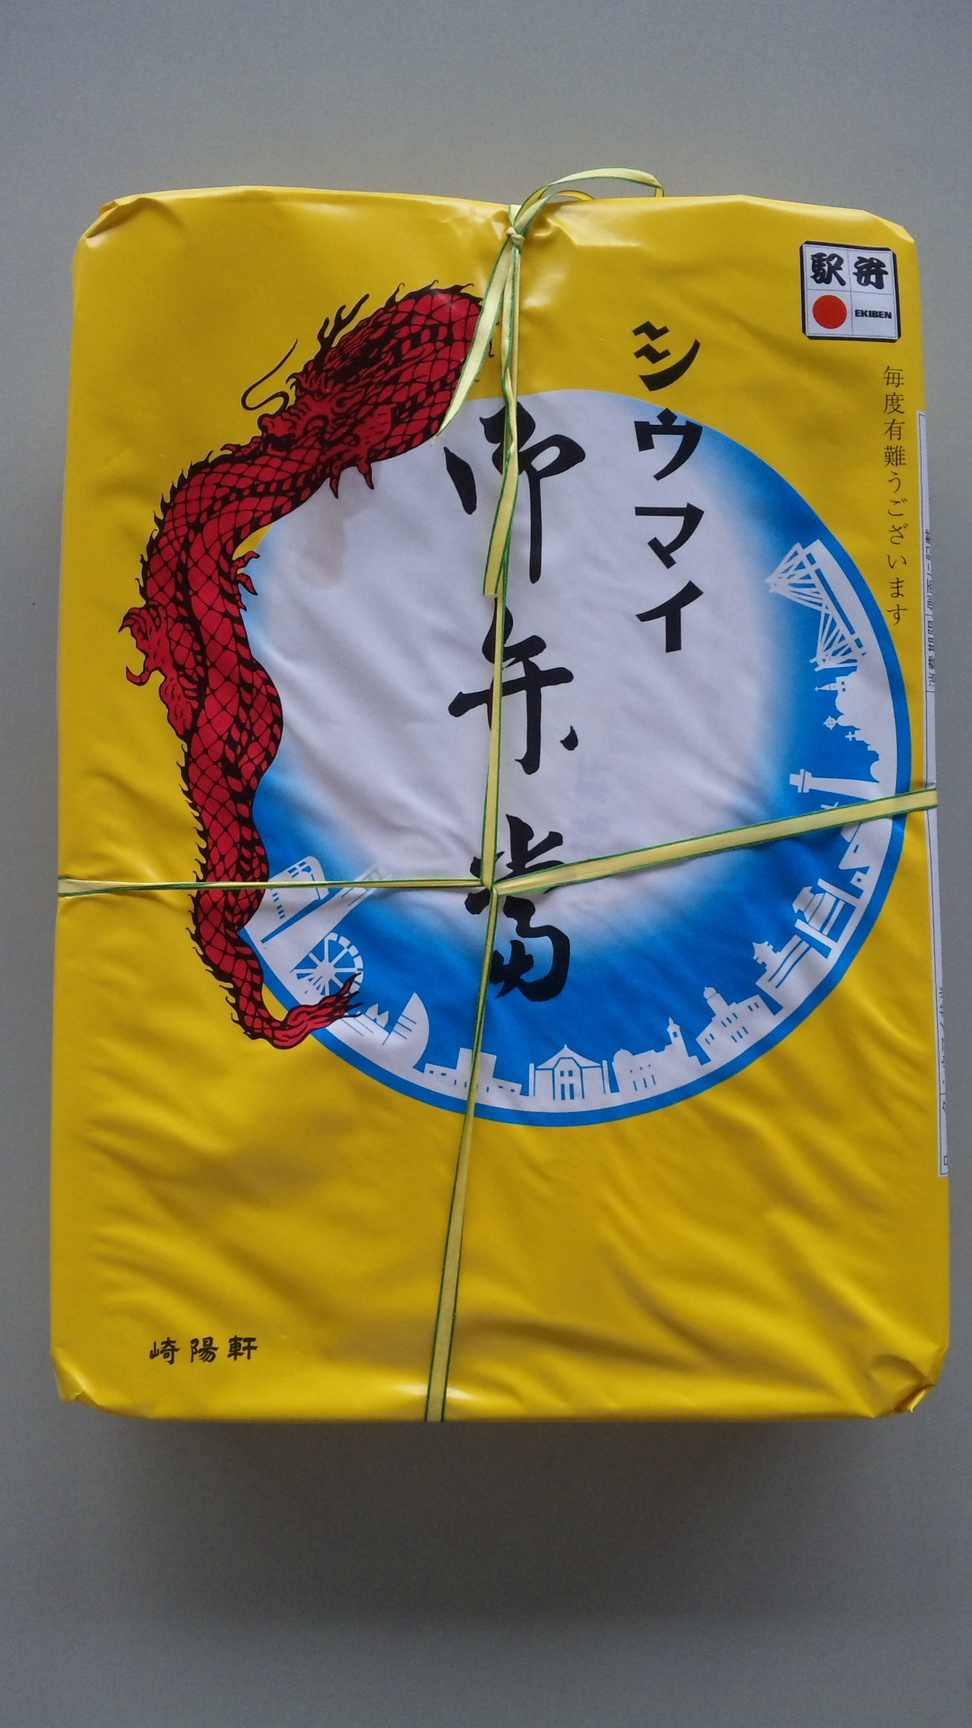 崎陽軒 静岡パルシェ店 name=